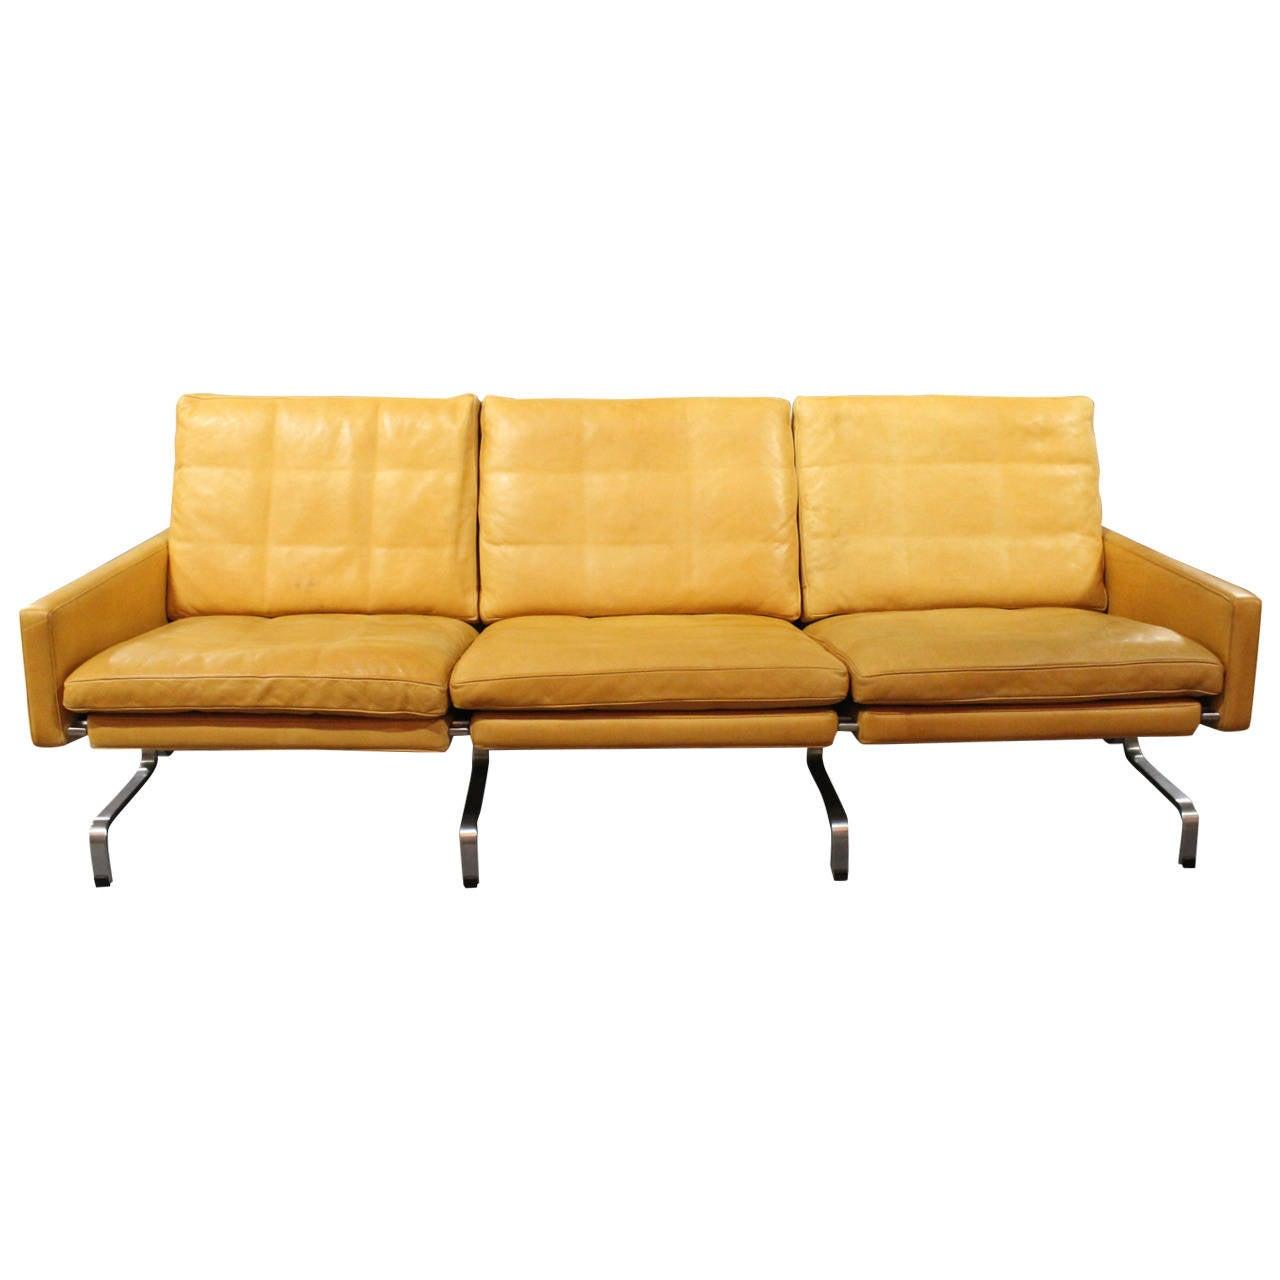 kj rholm sofa m bler til terrassen og haven. Black Bedroom Furniture Sets. Home Design Ideas